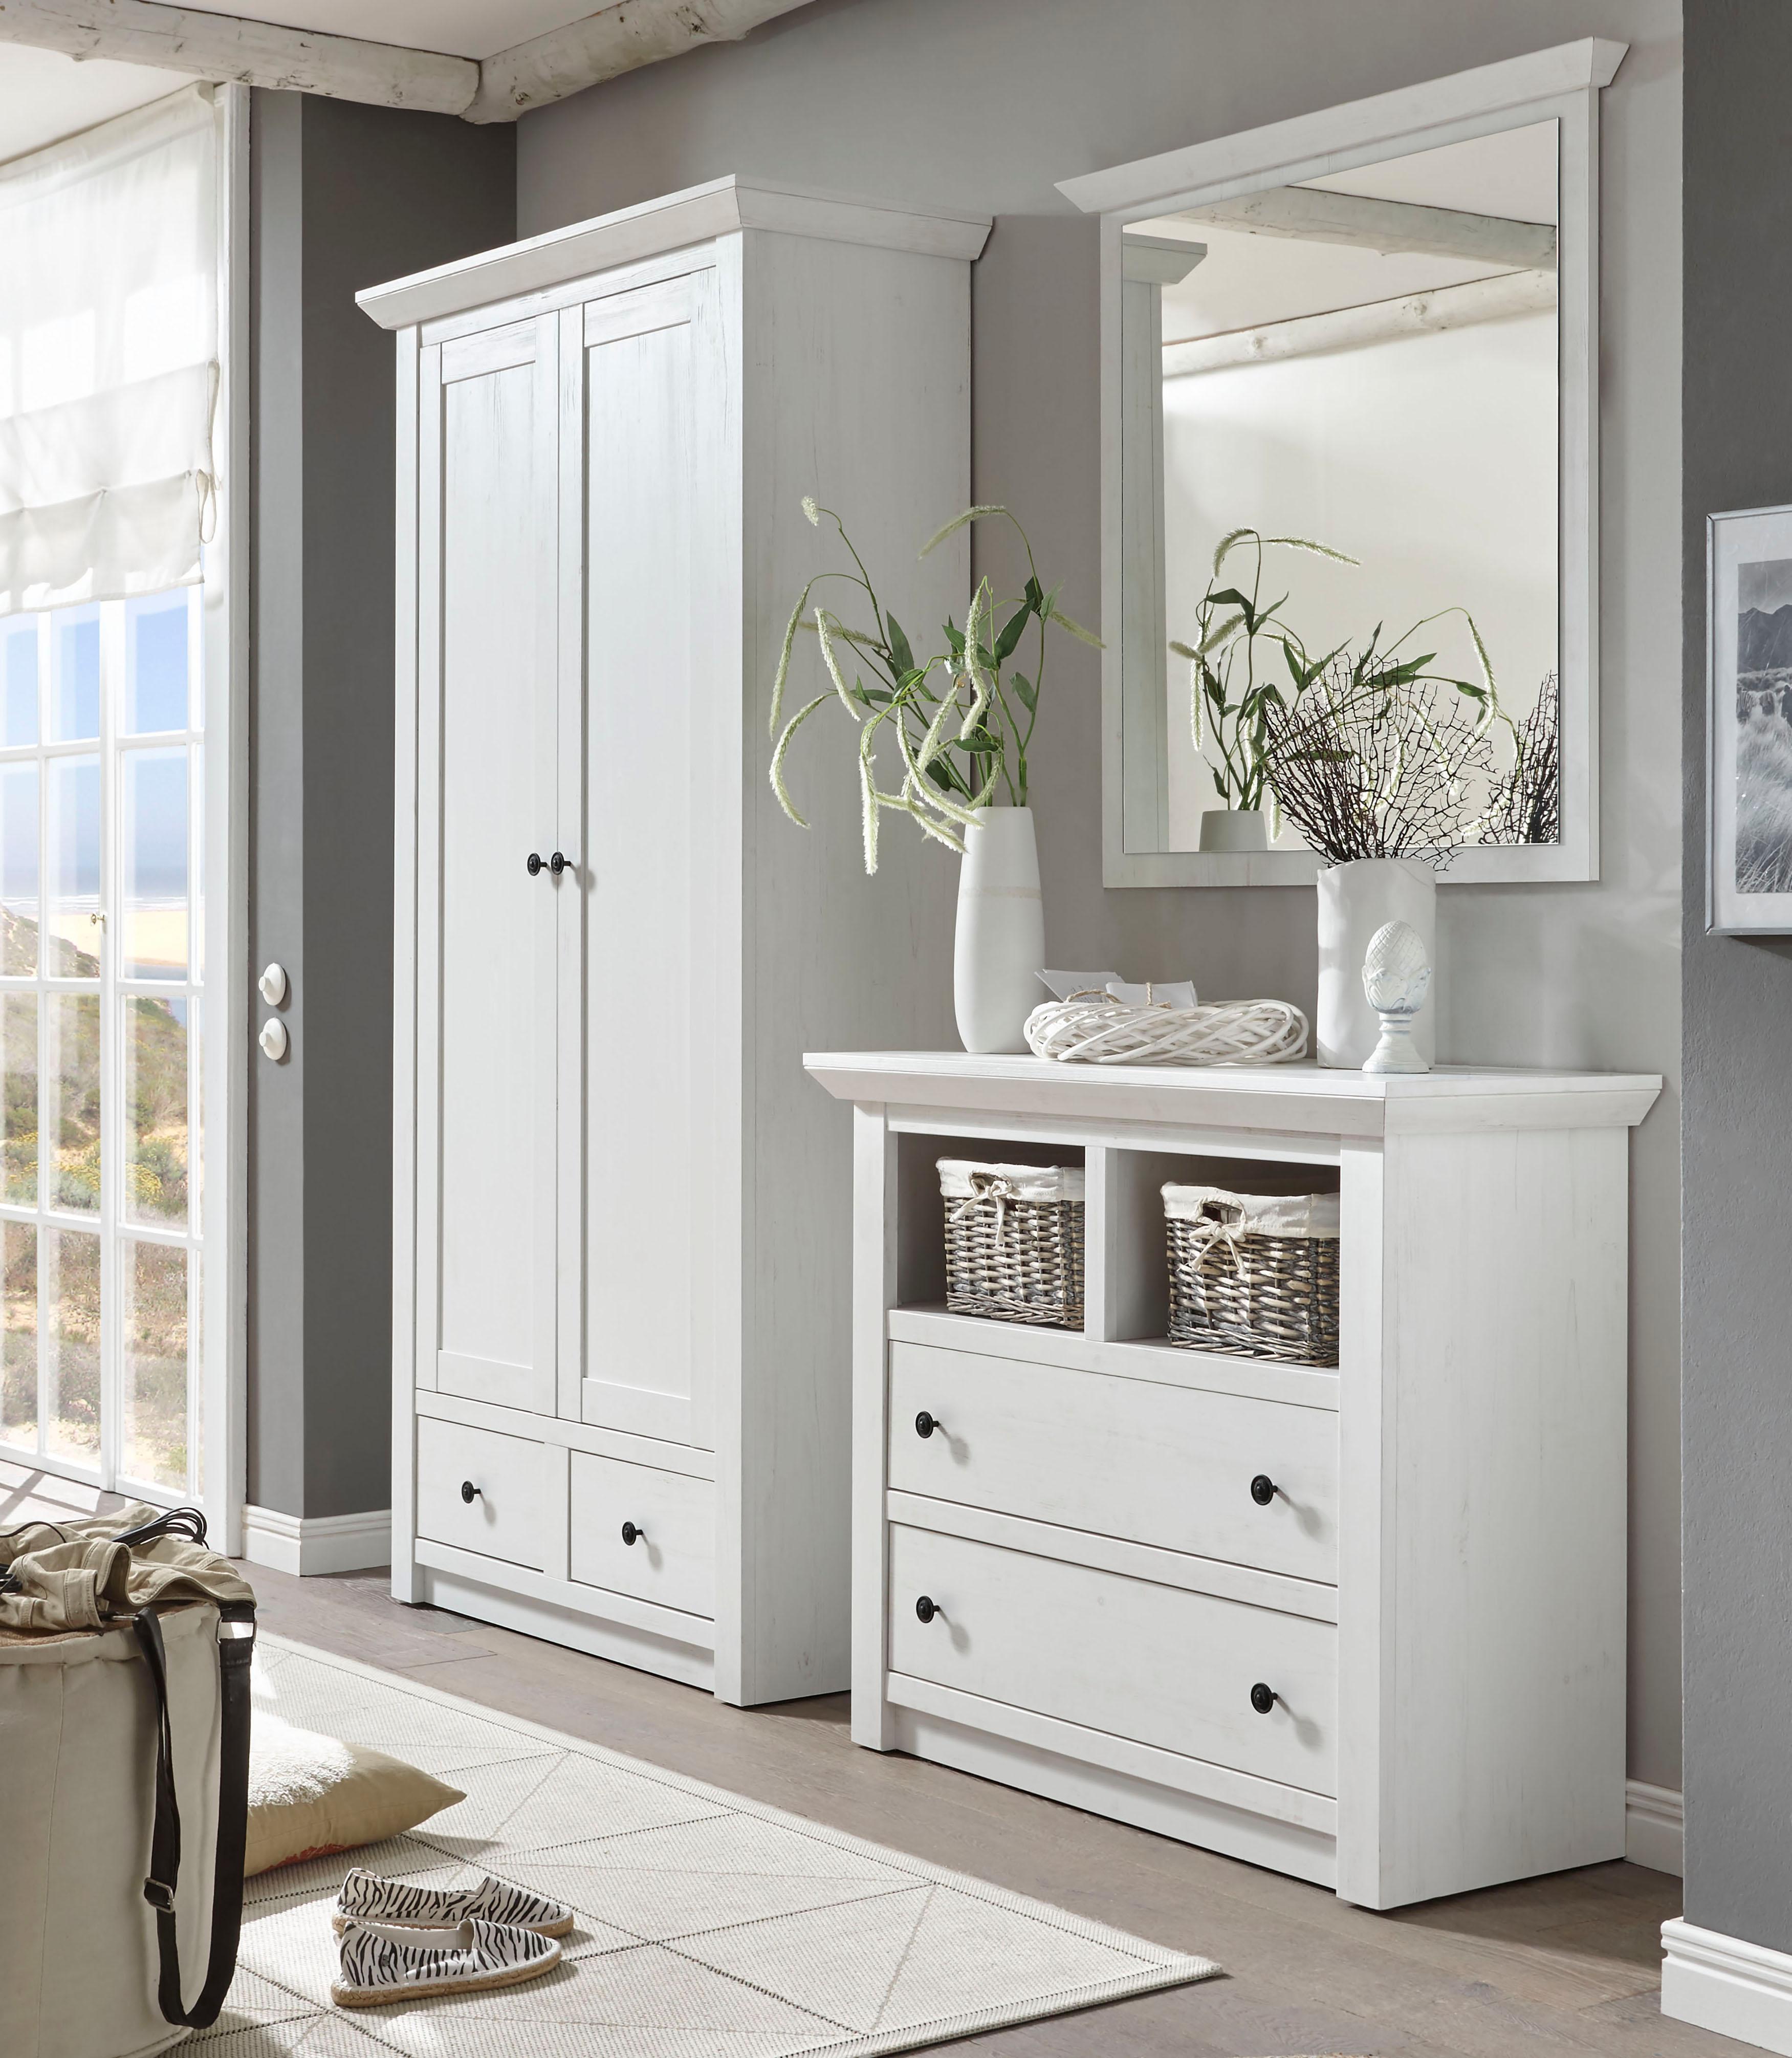 garderobenschrank wei preisvergleich die besten angebote online kaufen. Black Bedroom Furniture Sets. Home Design Ideas